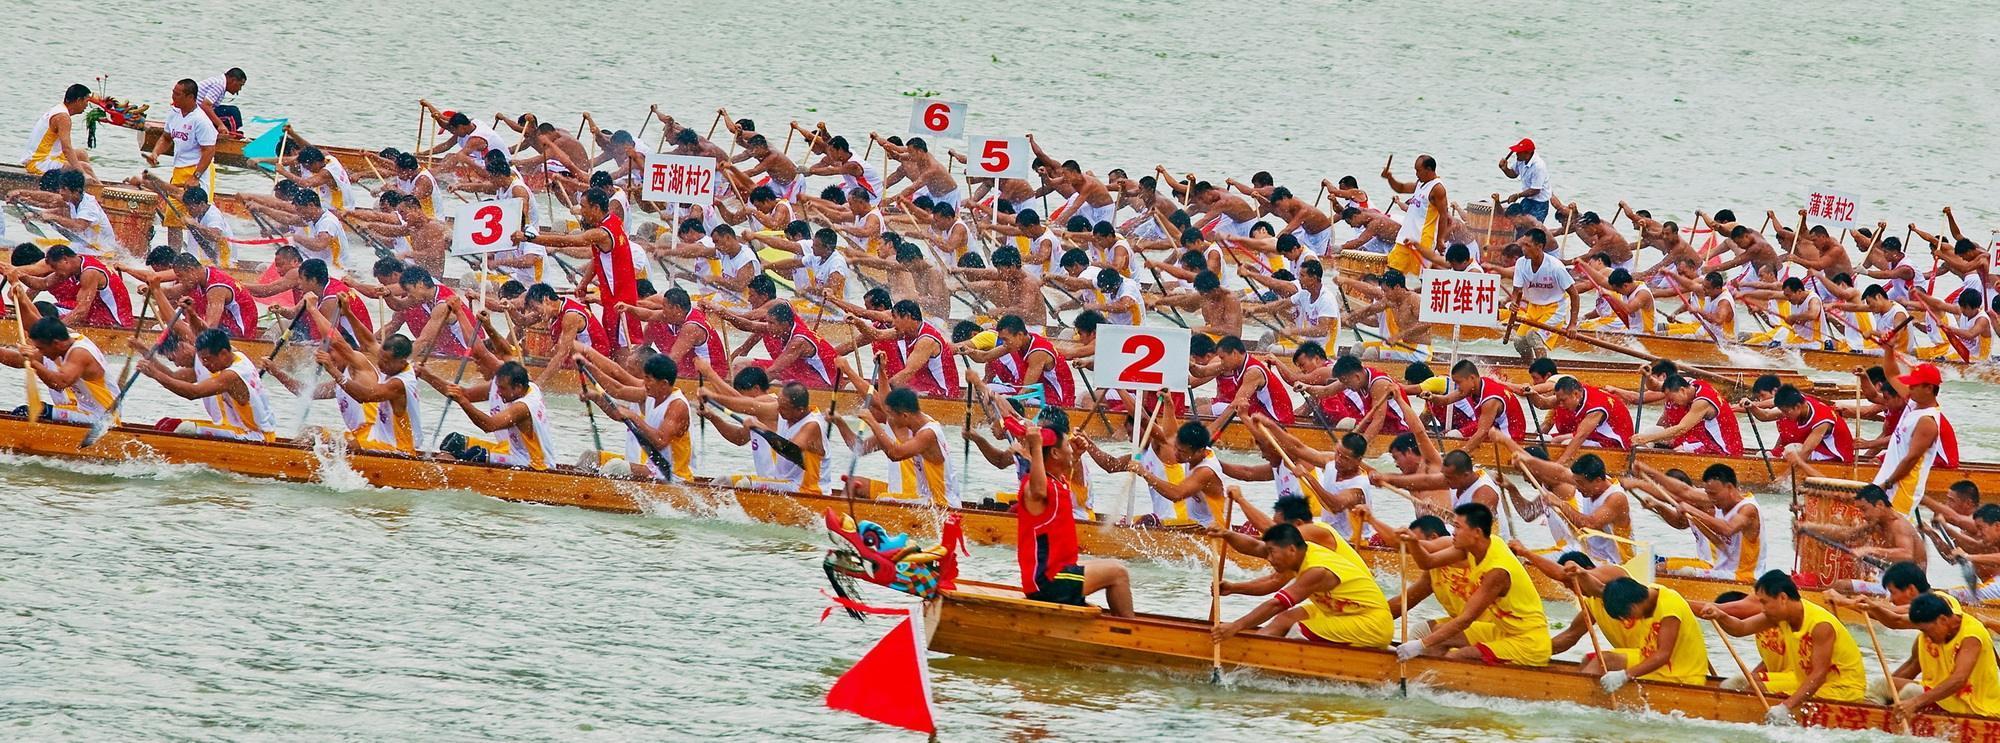 东莞龙舟文化节